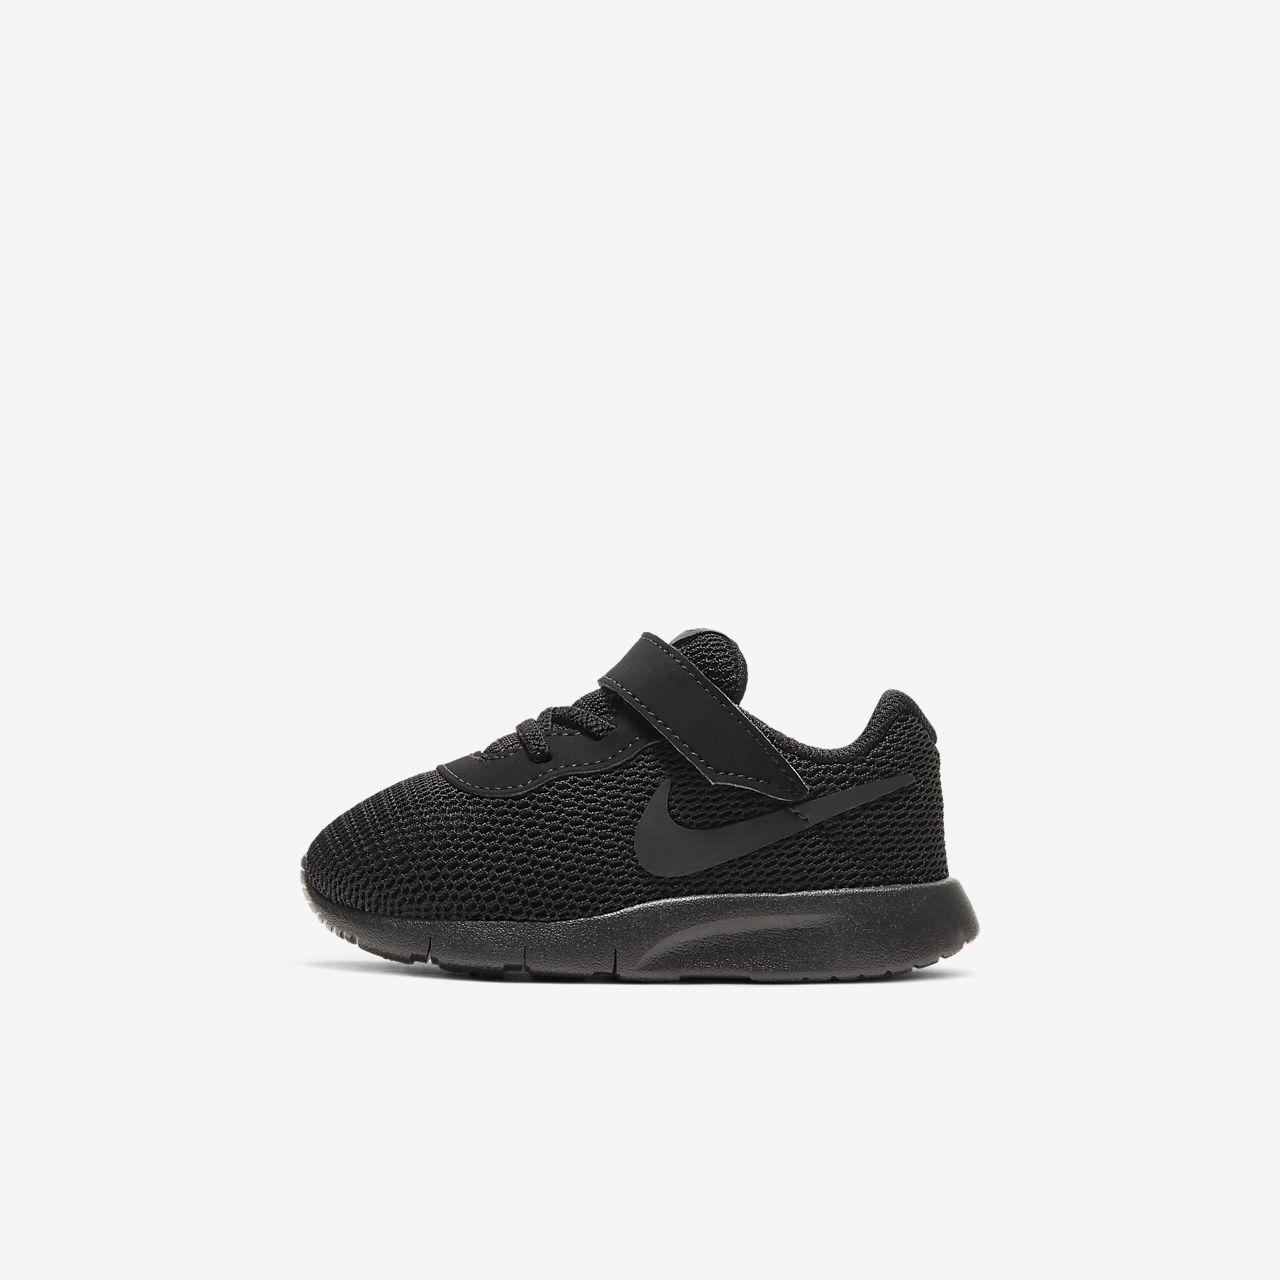 Nike Tanjun Bebek Ayakkabısı (17-27)